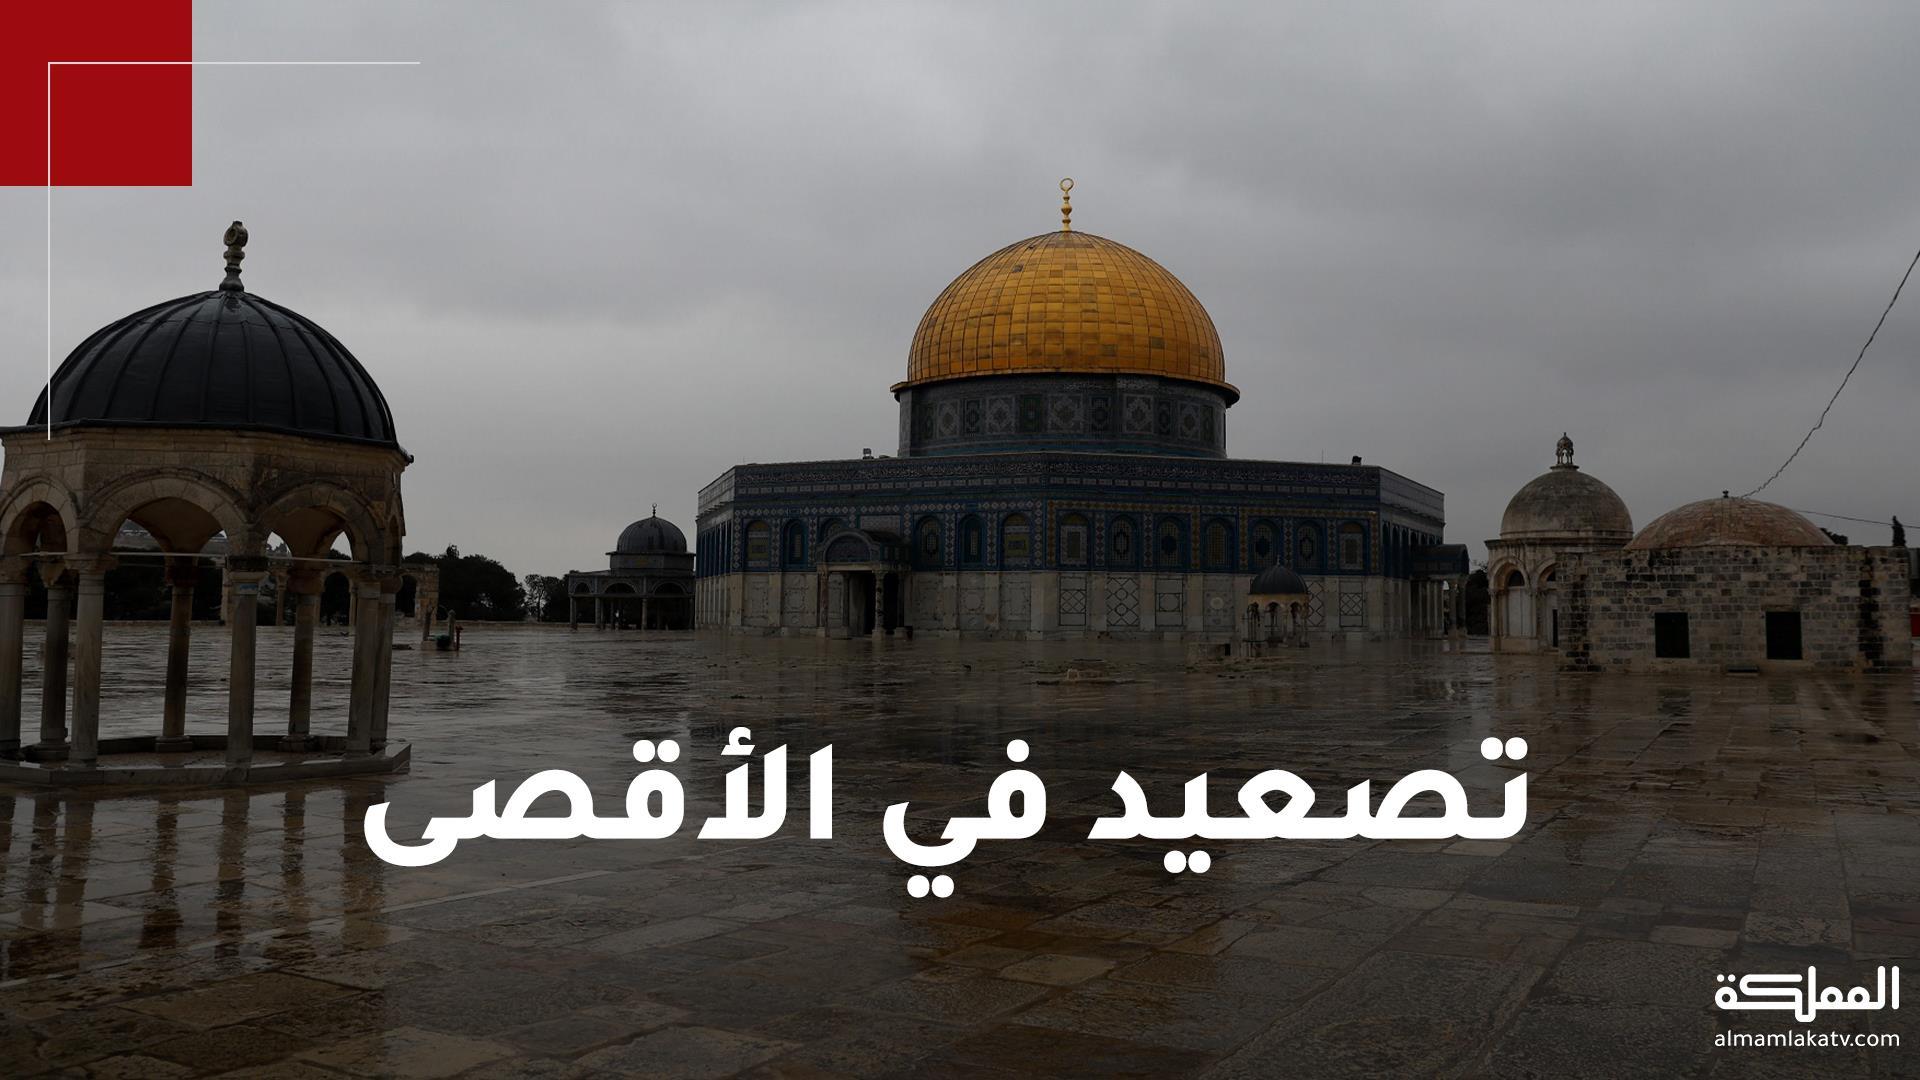 تعطيل لأعمال الترميم ..سلطات الاحتلال الإسرائيلي في تصعيد مستمر لانتهكاتها في المسجد الأقصى